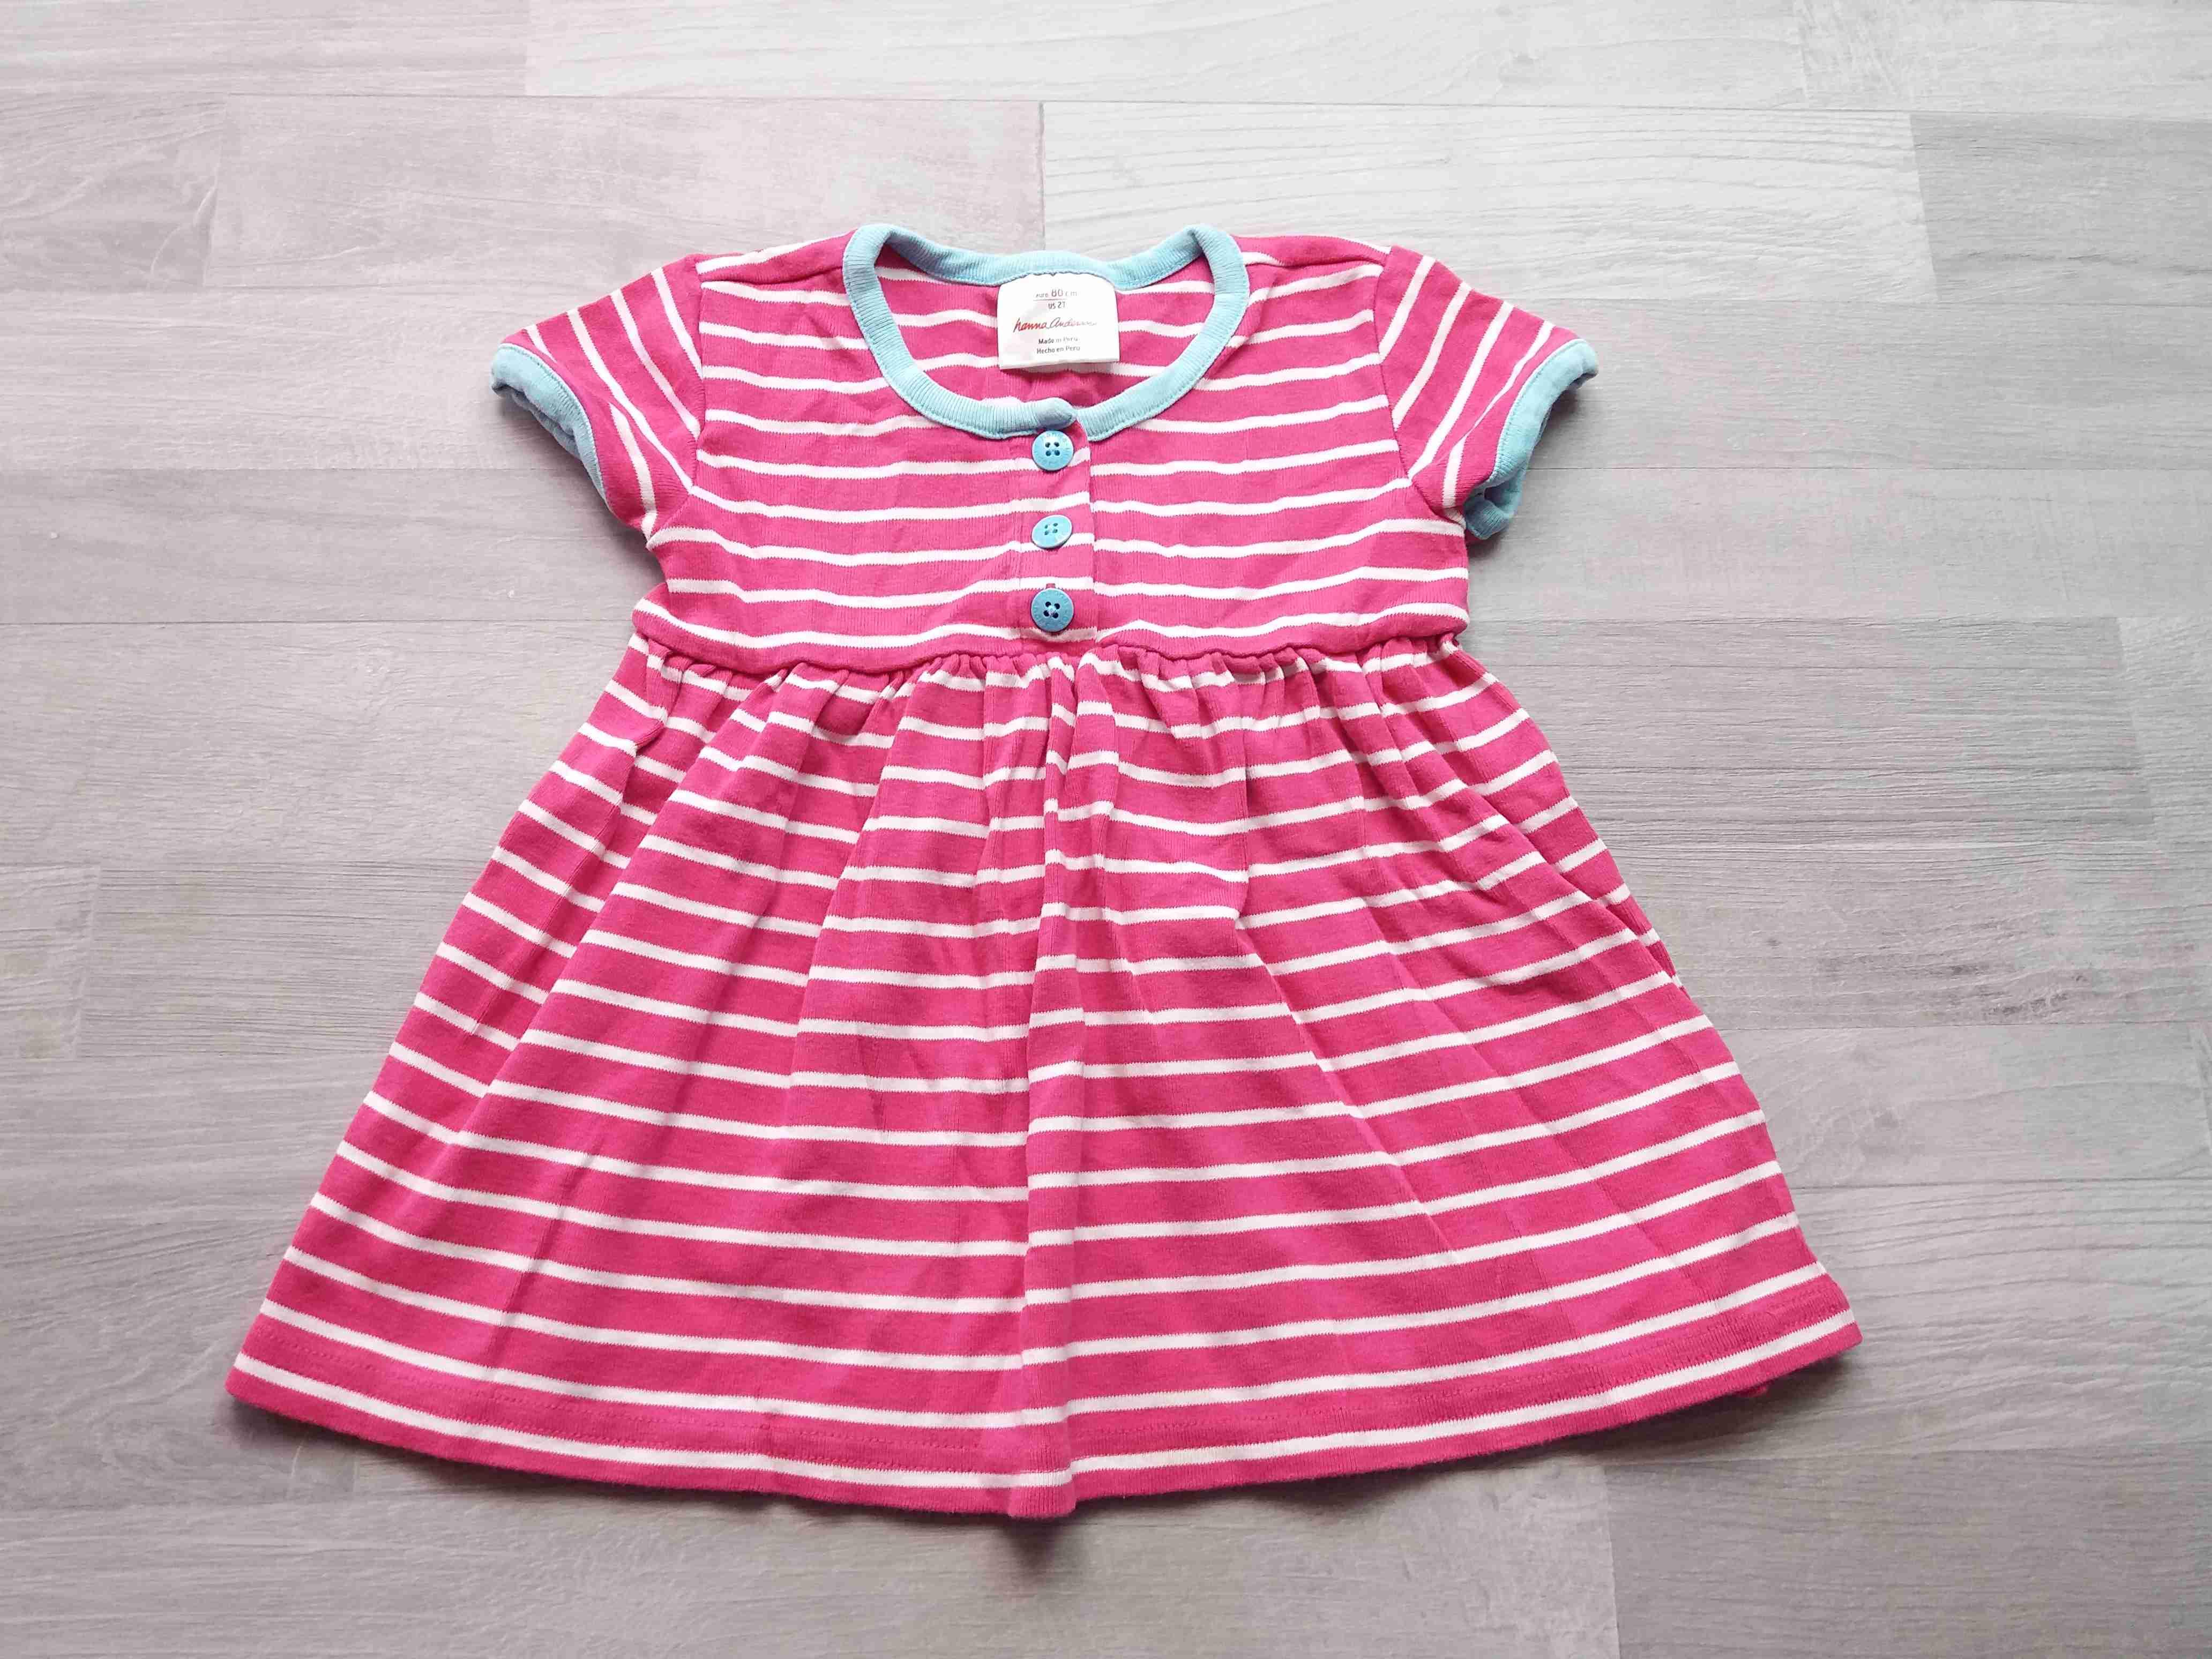 4903b1b3b91 šaty pruhované bílorůžové vel 80